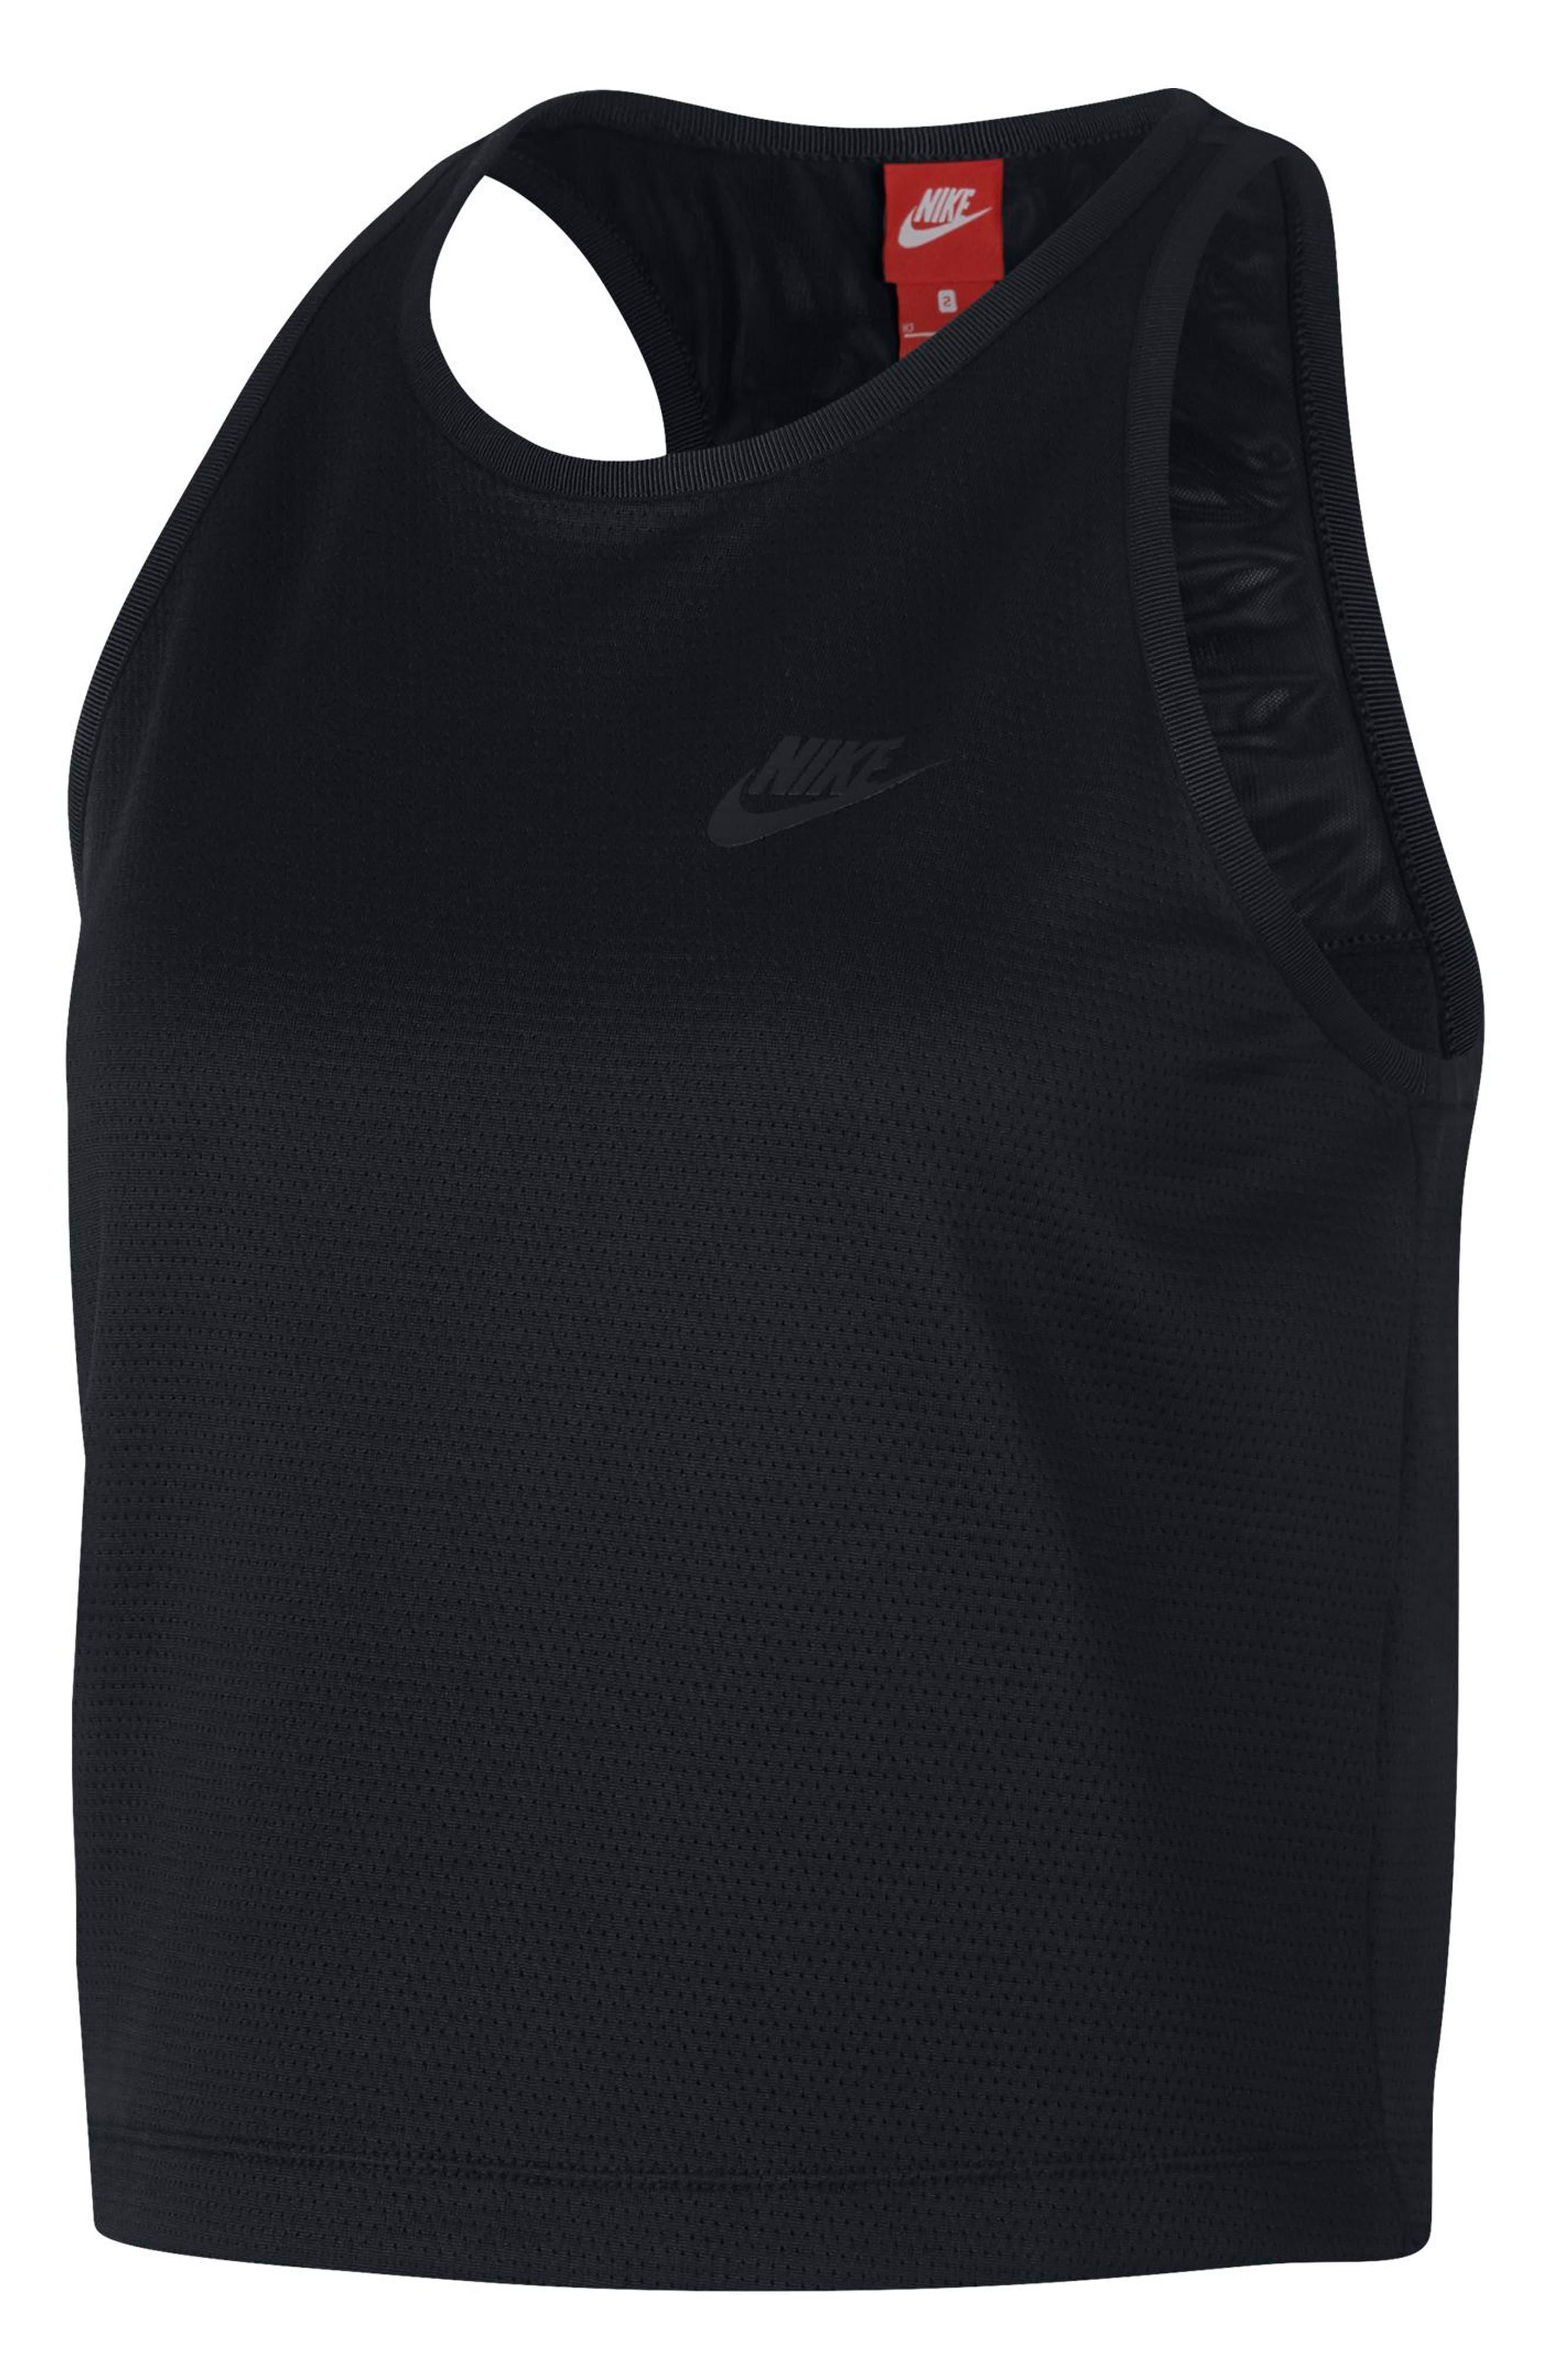 Sportswear Tech Fleece Women's Crop Tank,                         Main,                         color, Black/ Black